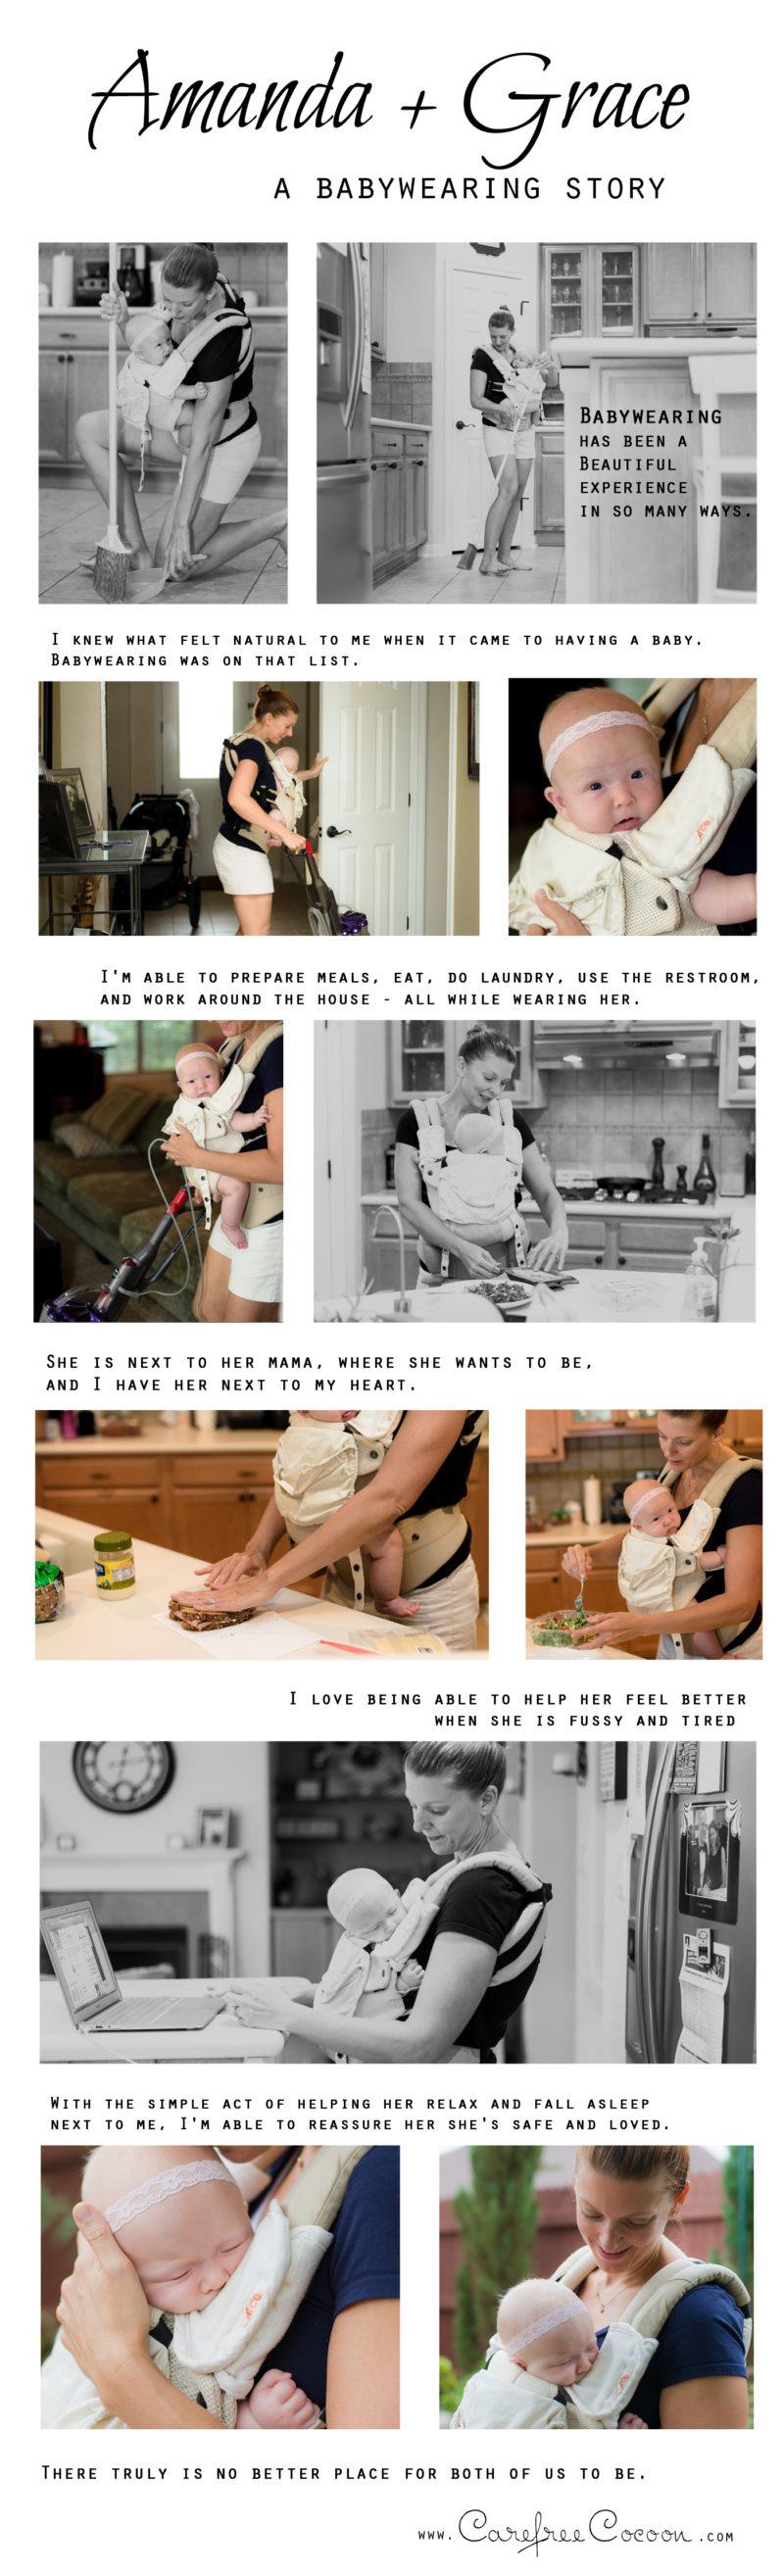 Amanda babywearing collage